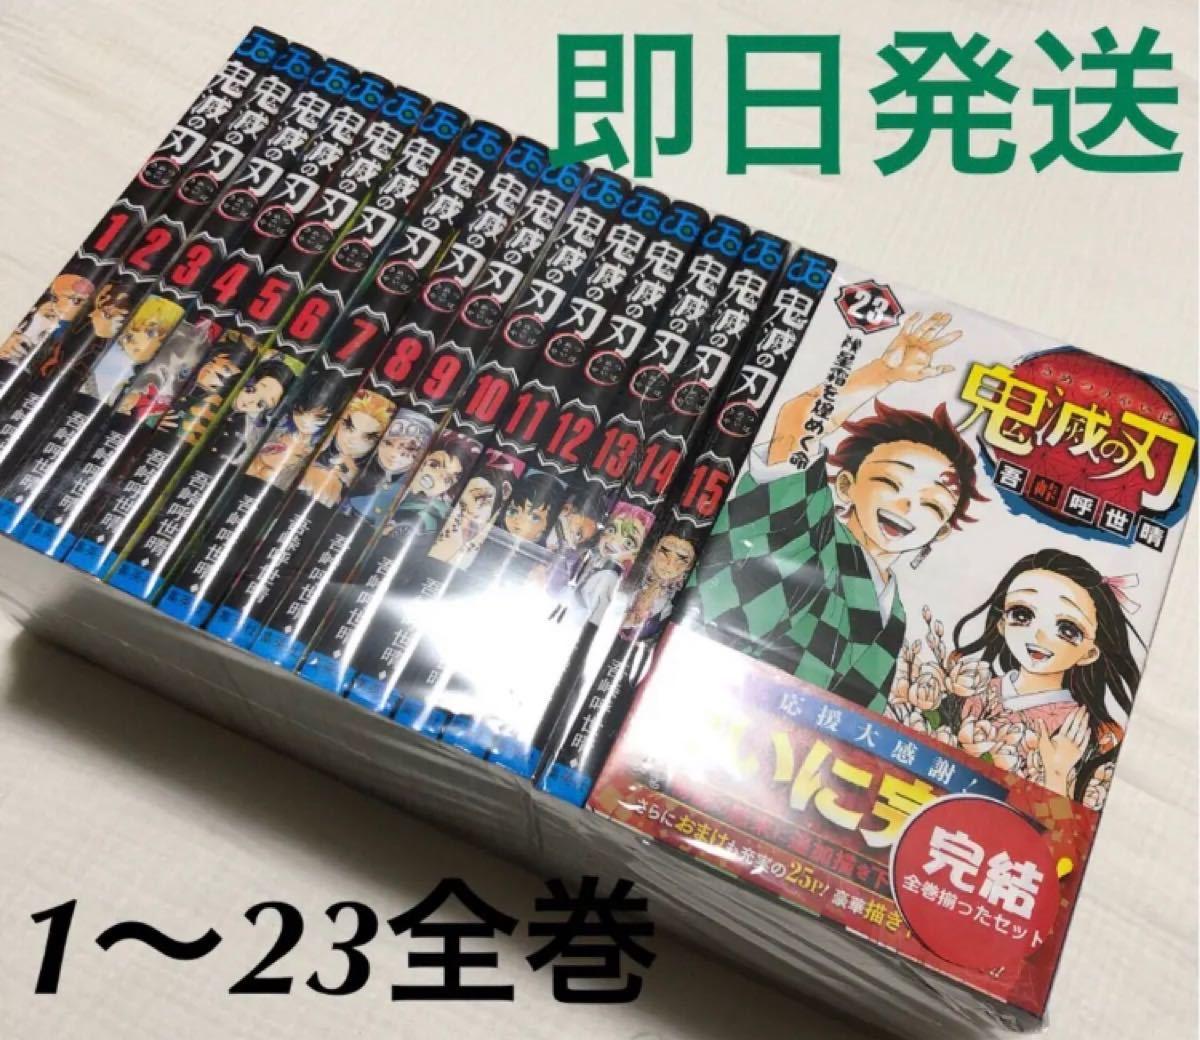 【即日発送】鬼滅の刃 全巻セット 1〜23巻